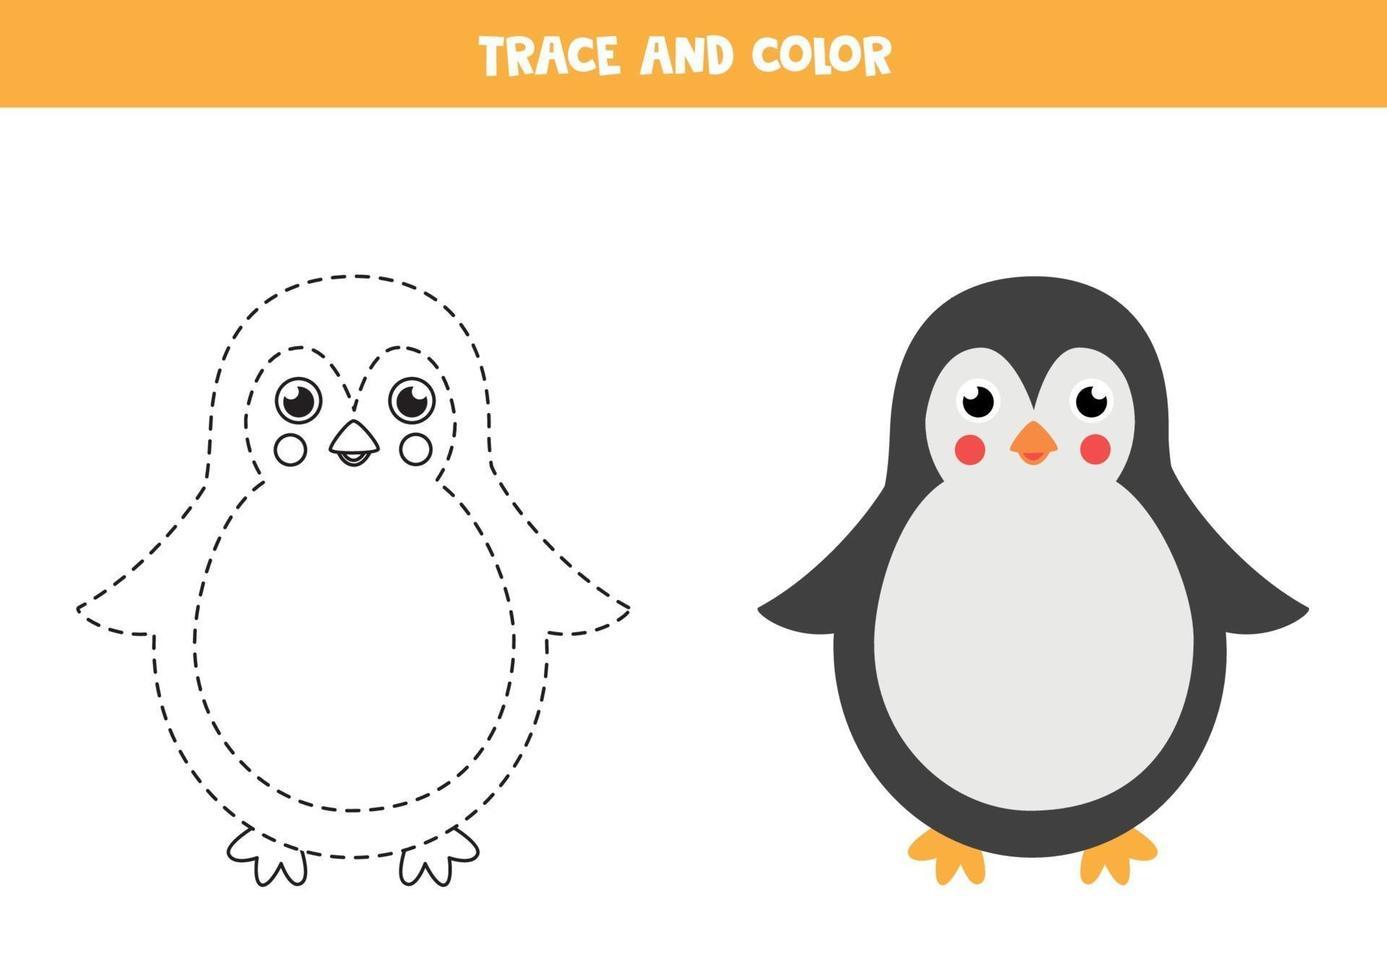 spåra och färg söt pingvin. kalkylblad för barn. vektor